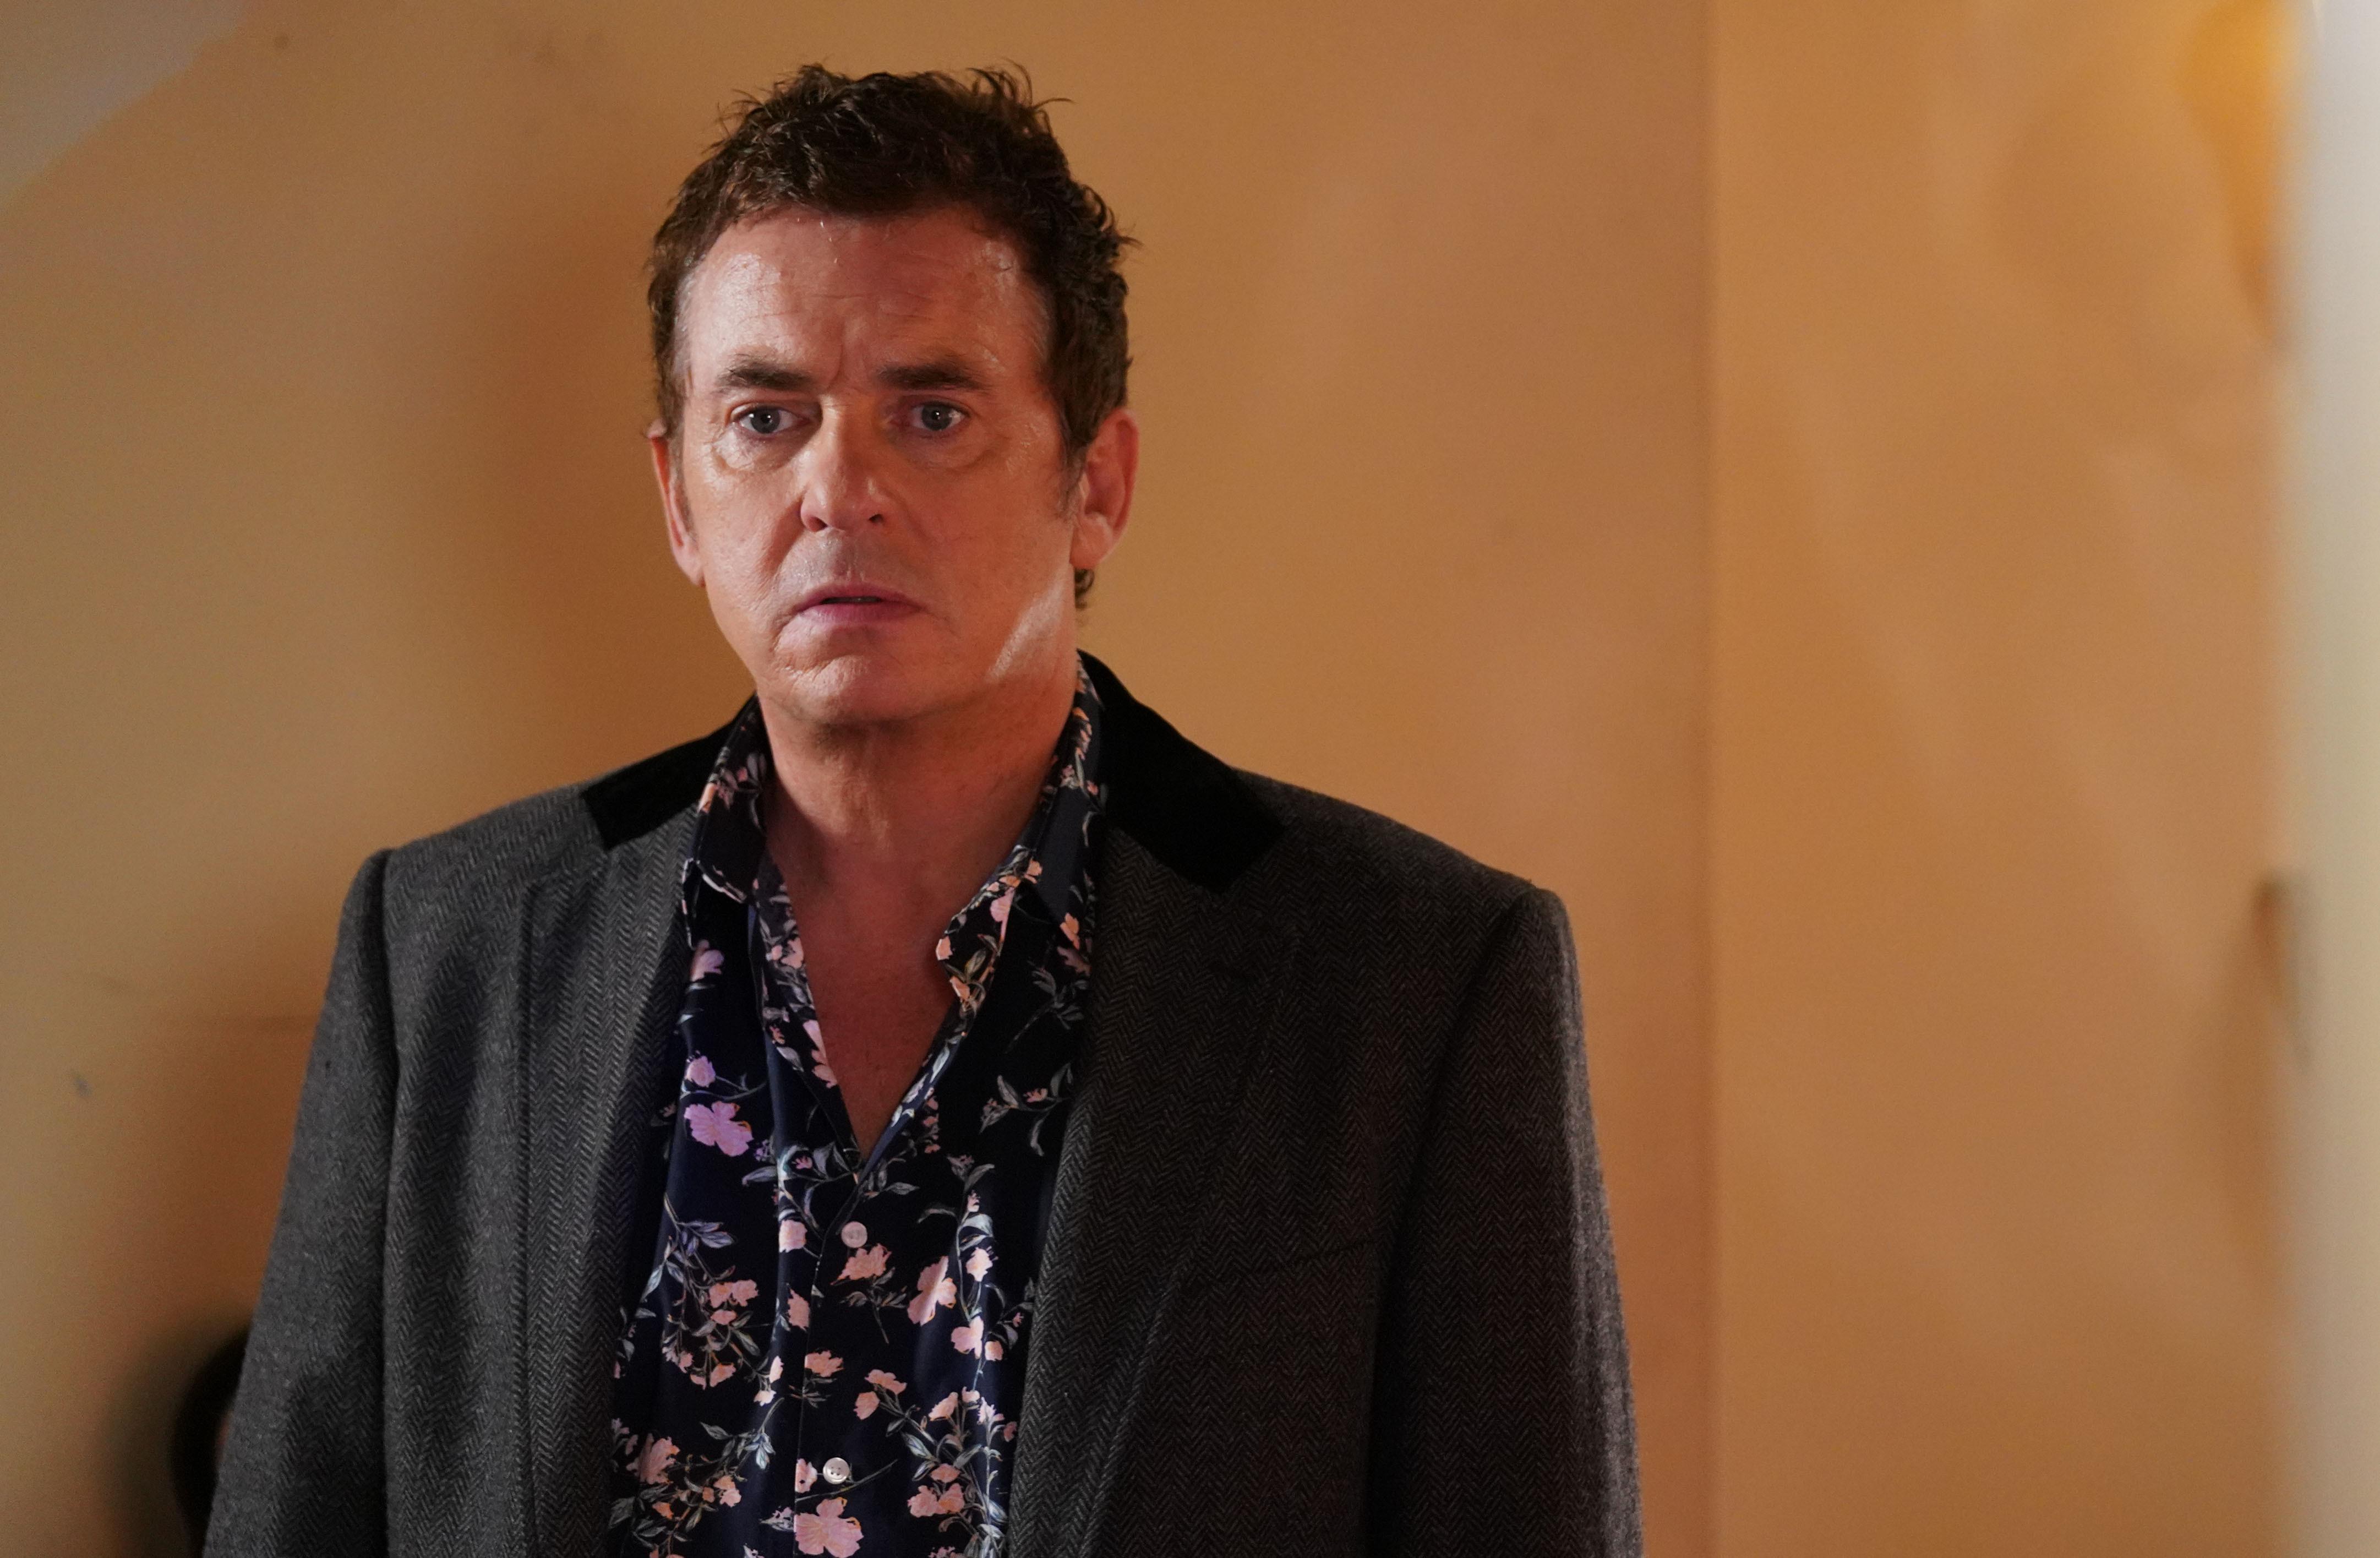 EastEnders spoilers: Alfie Moon to run away with baby Cherry leaving Hayley Slater devastated?